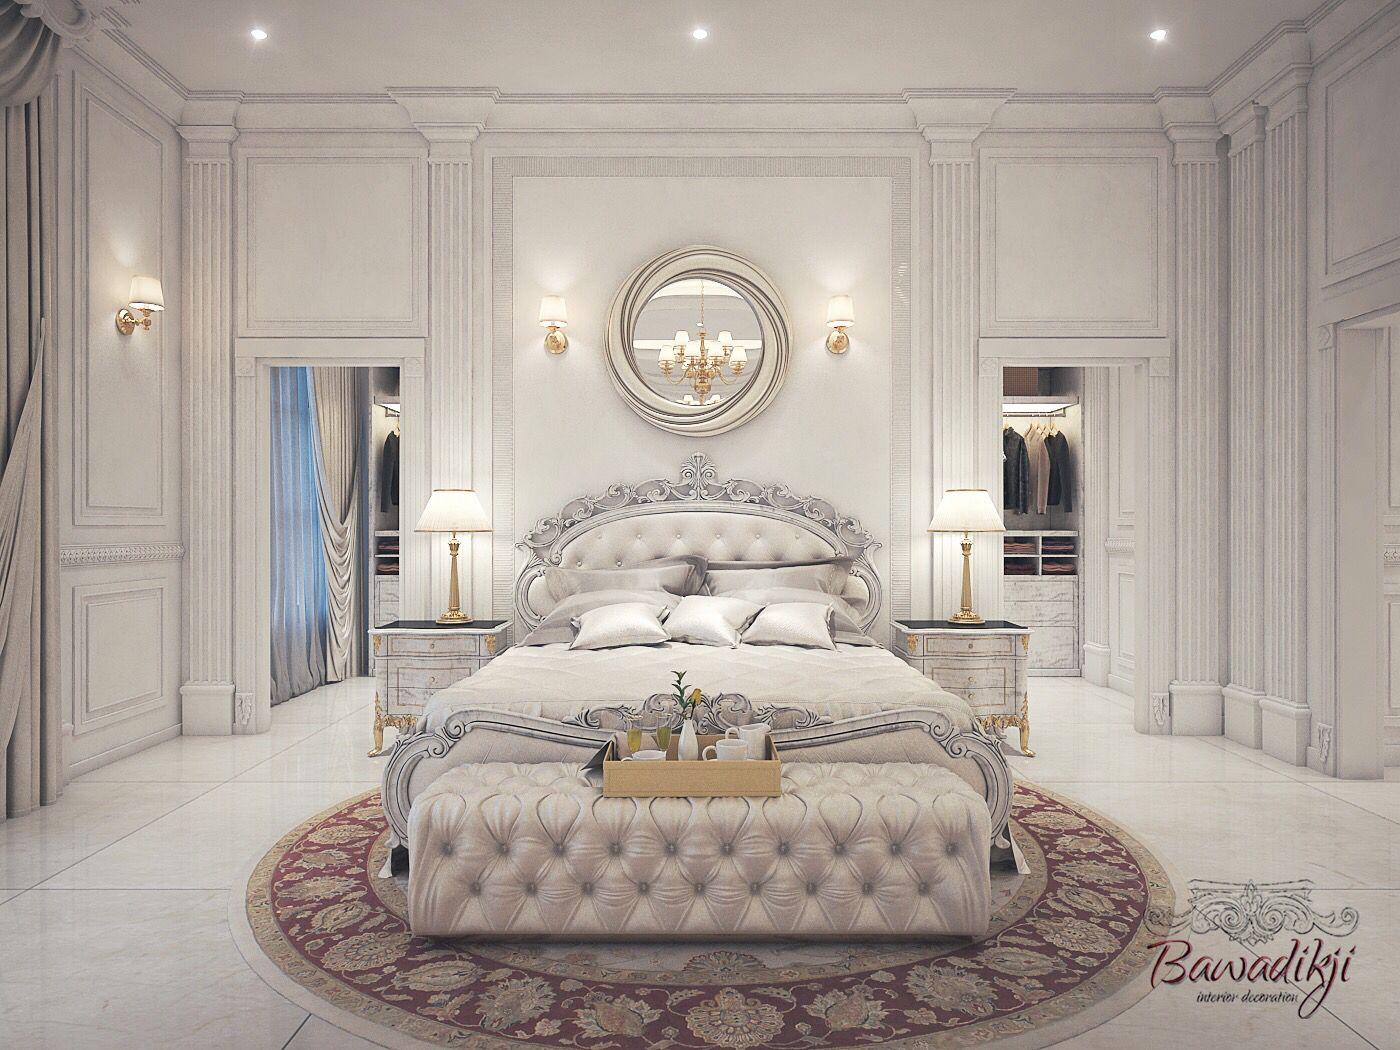 Master Bedroom Abudhabi Uae New Classic Style Classic Master Bedroom Master Bedroom Design Classic Bedroom Main bedroom ideas new